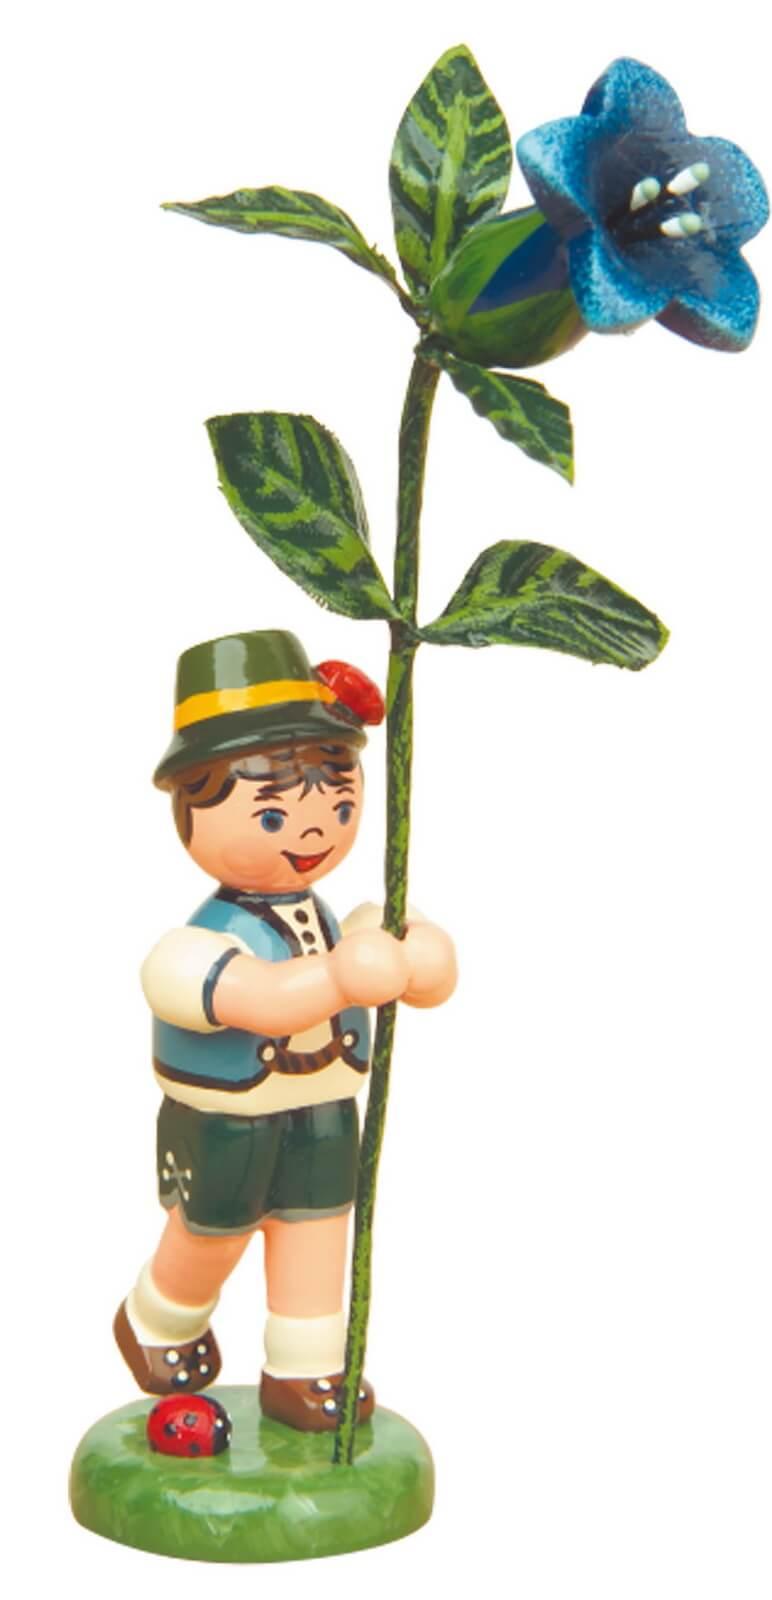 Junge mit Enzian aus Holz von der Serie Hubrig Blumenkinder